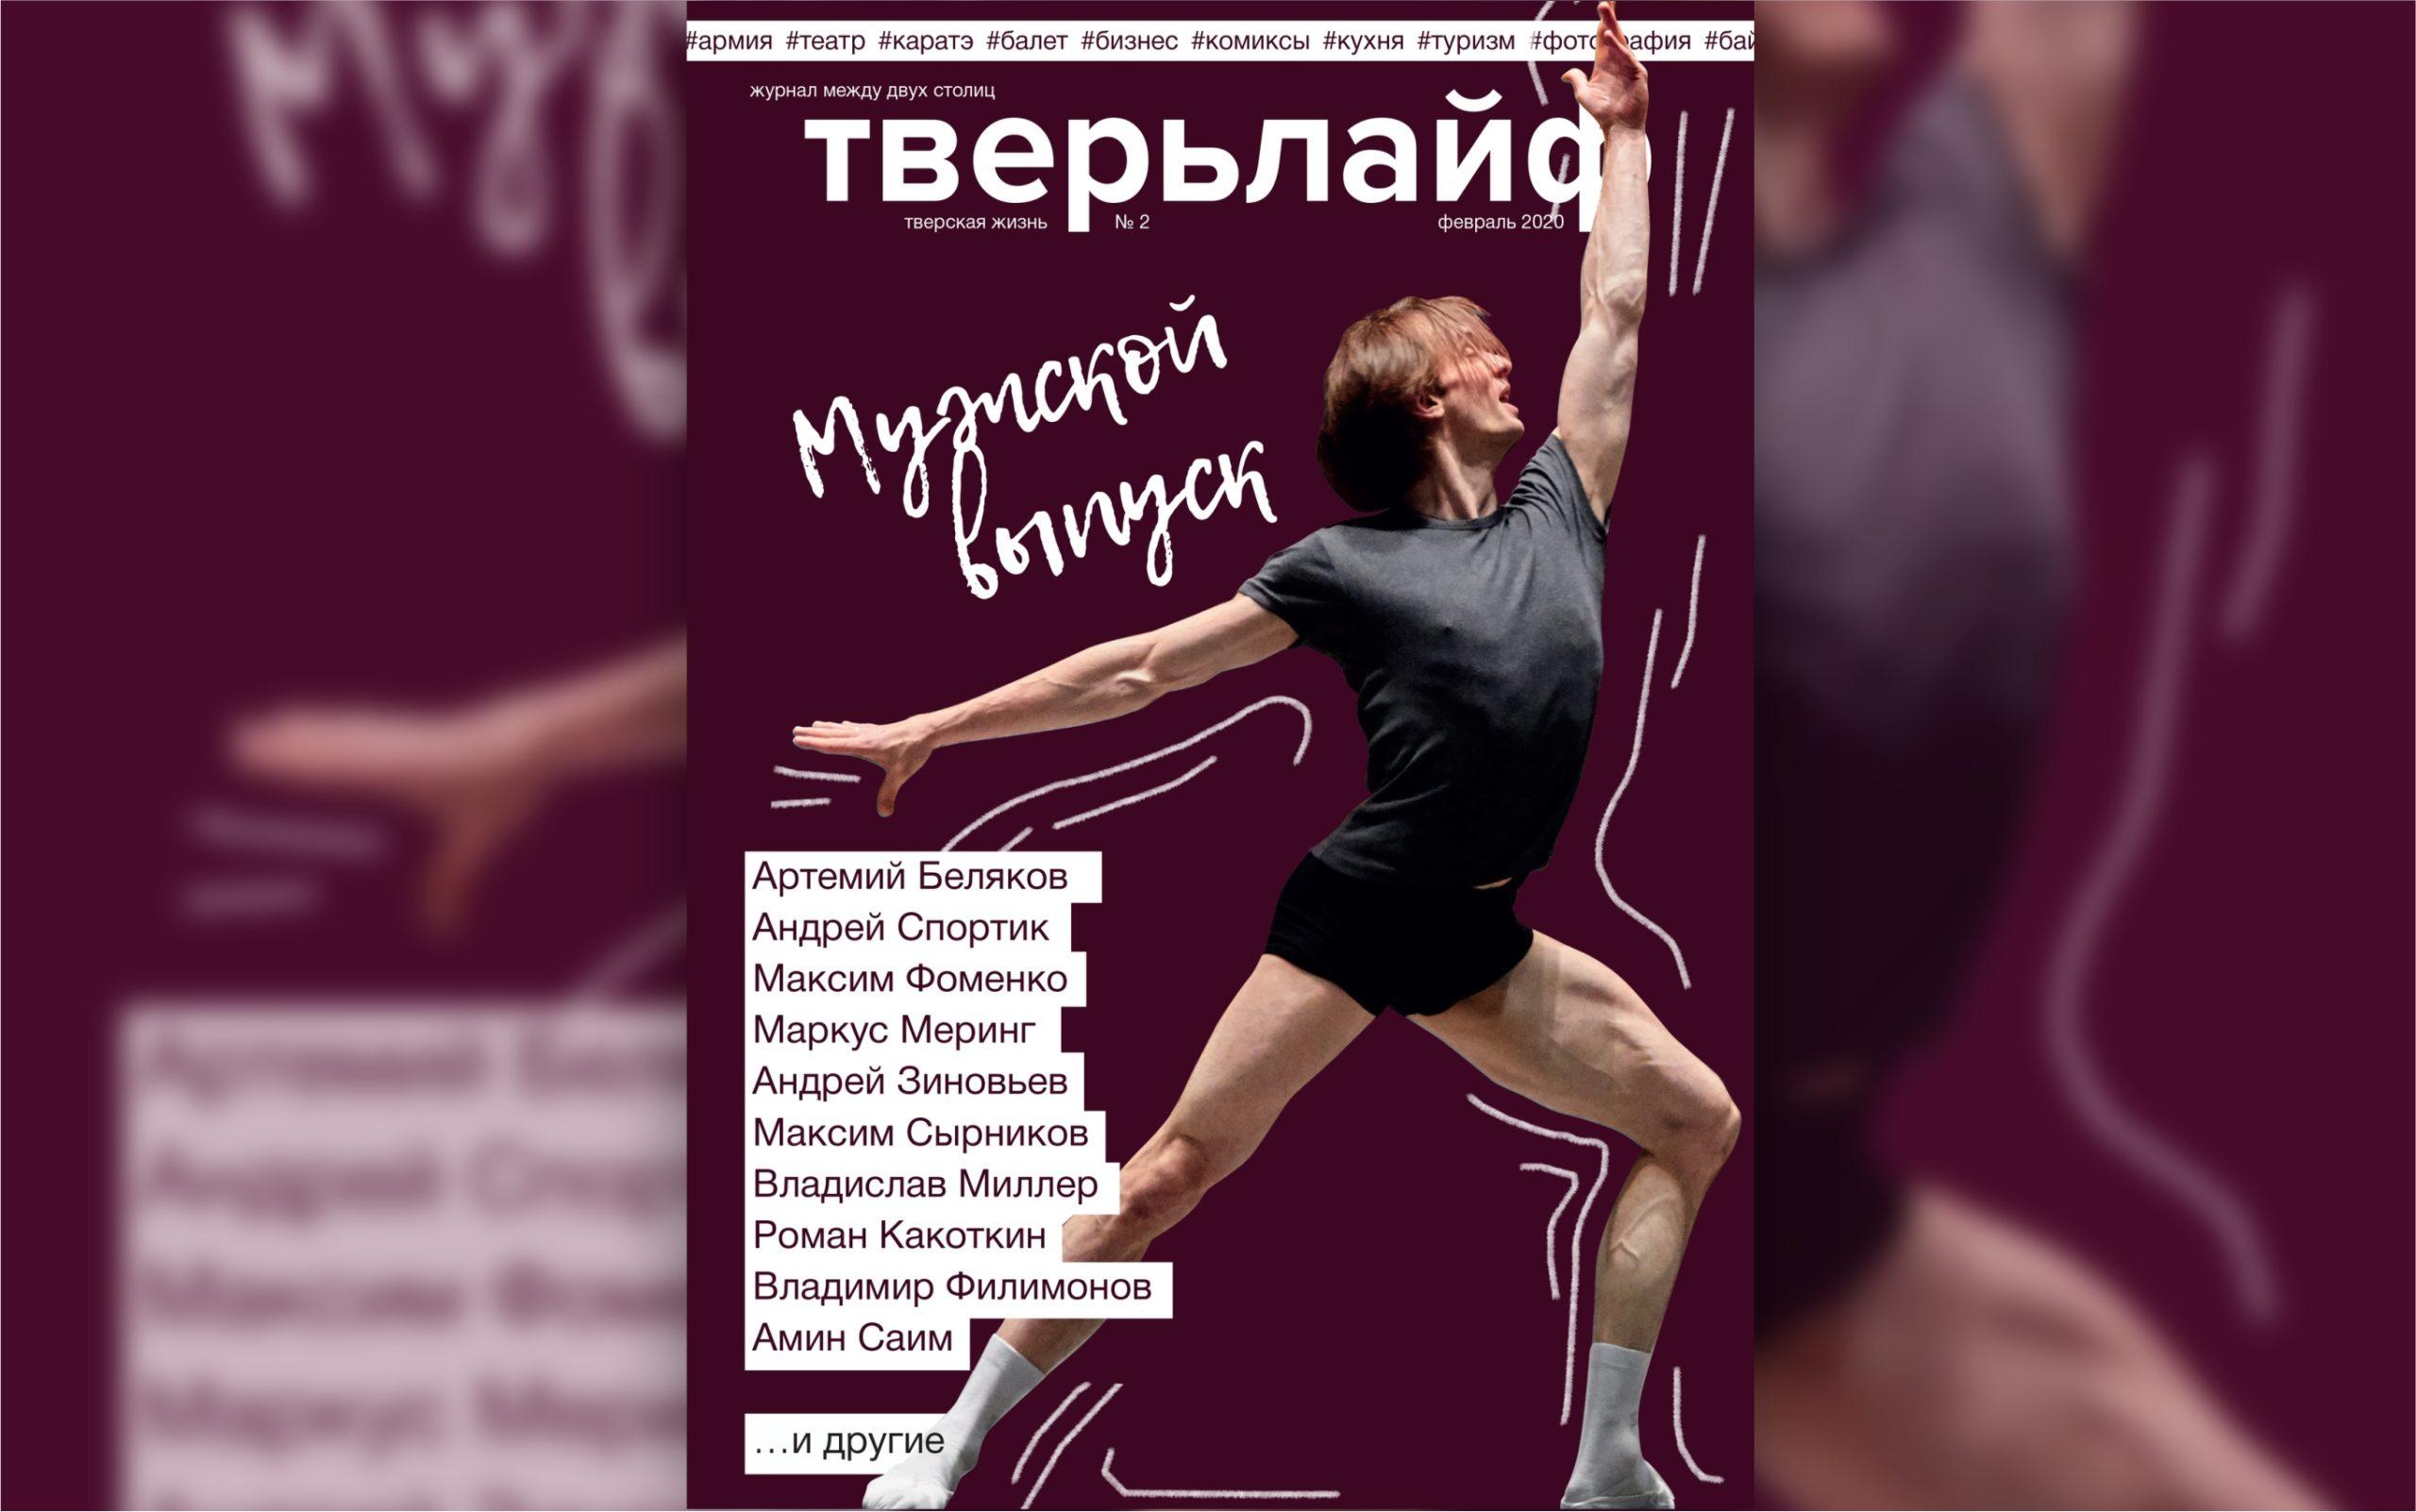 """Знай наших: танцор из Твери стал премьером Большого театра и попал на обложку """"Тверьлайф"""""""